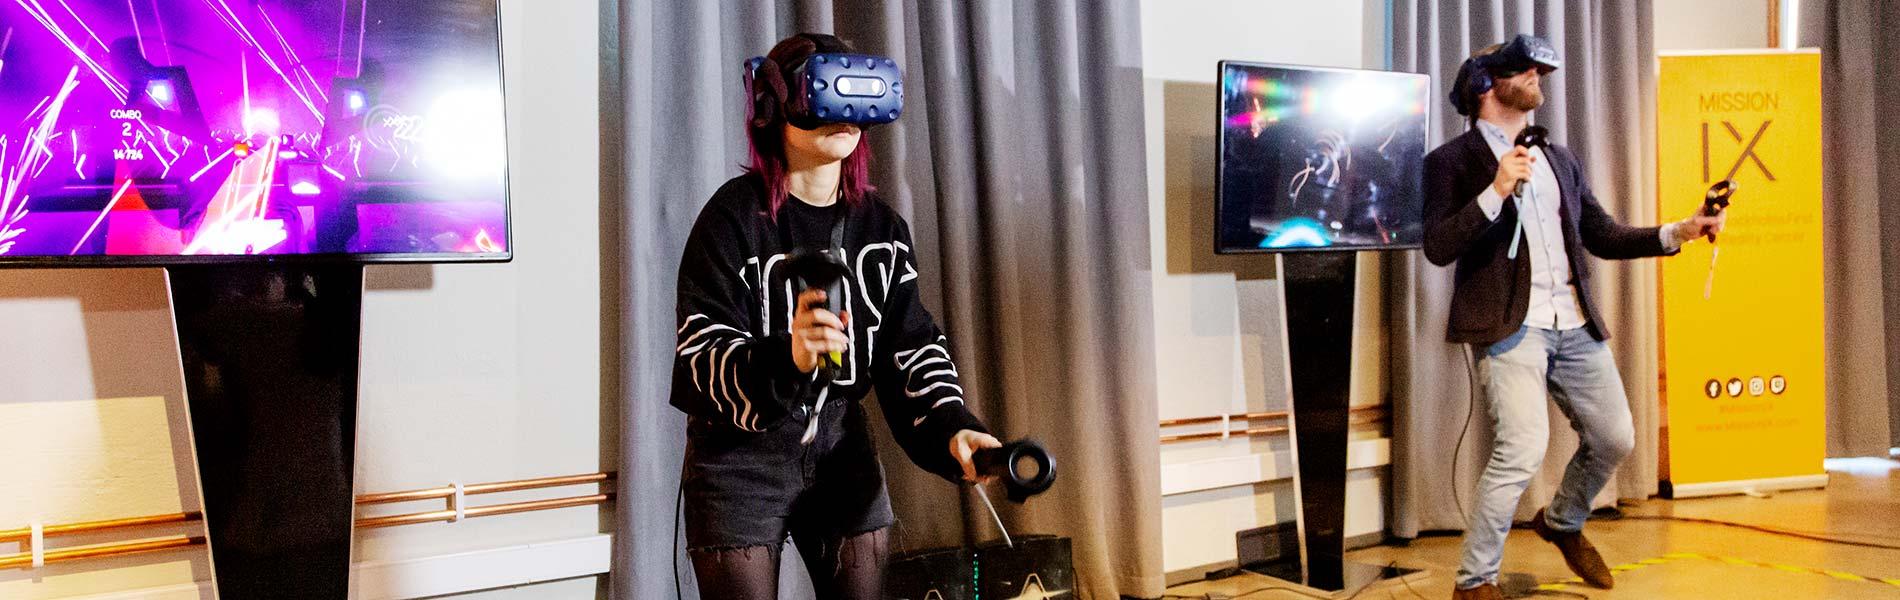 VR-äventyr tillsammans med kollegor